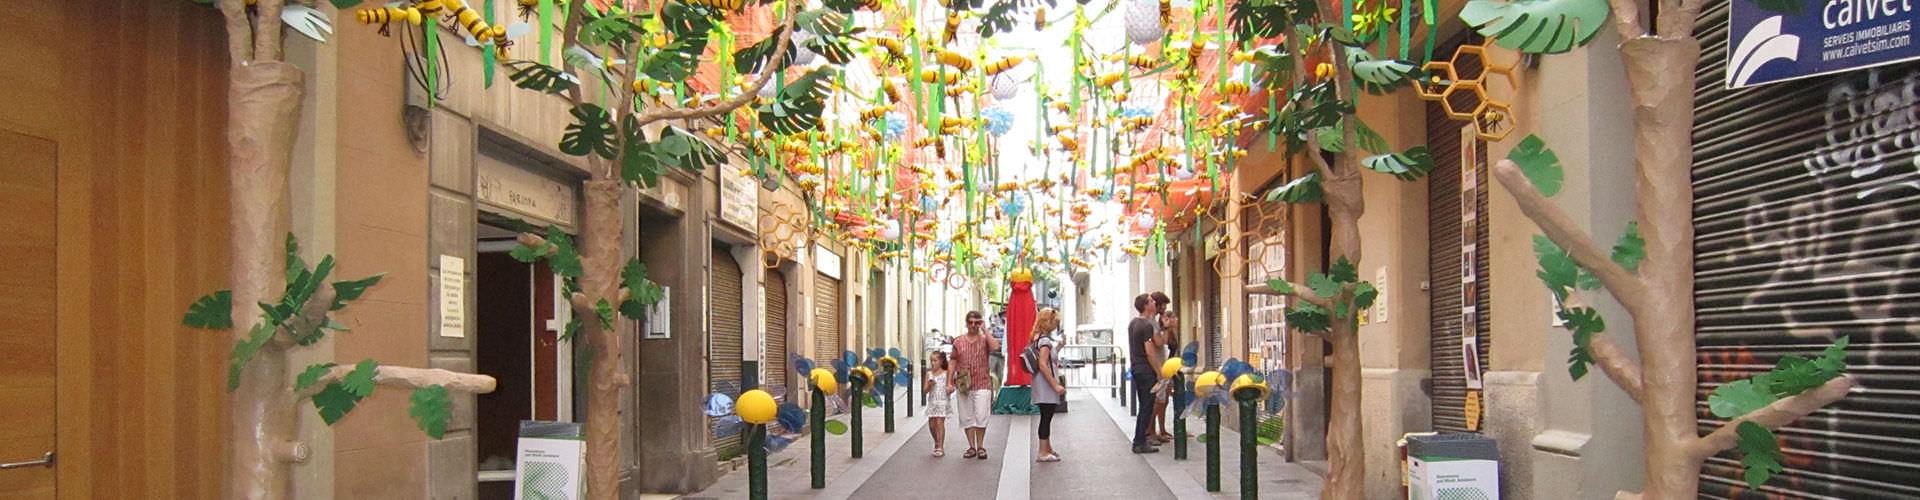 Barcelone - Camping dans le quartier de Gràcia. Cartes pour Barcelone, photos et commentaires pour chaque camping à Barcelone.